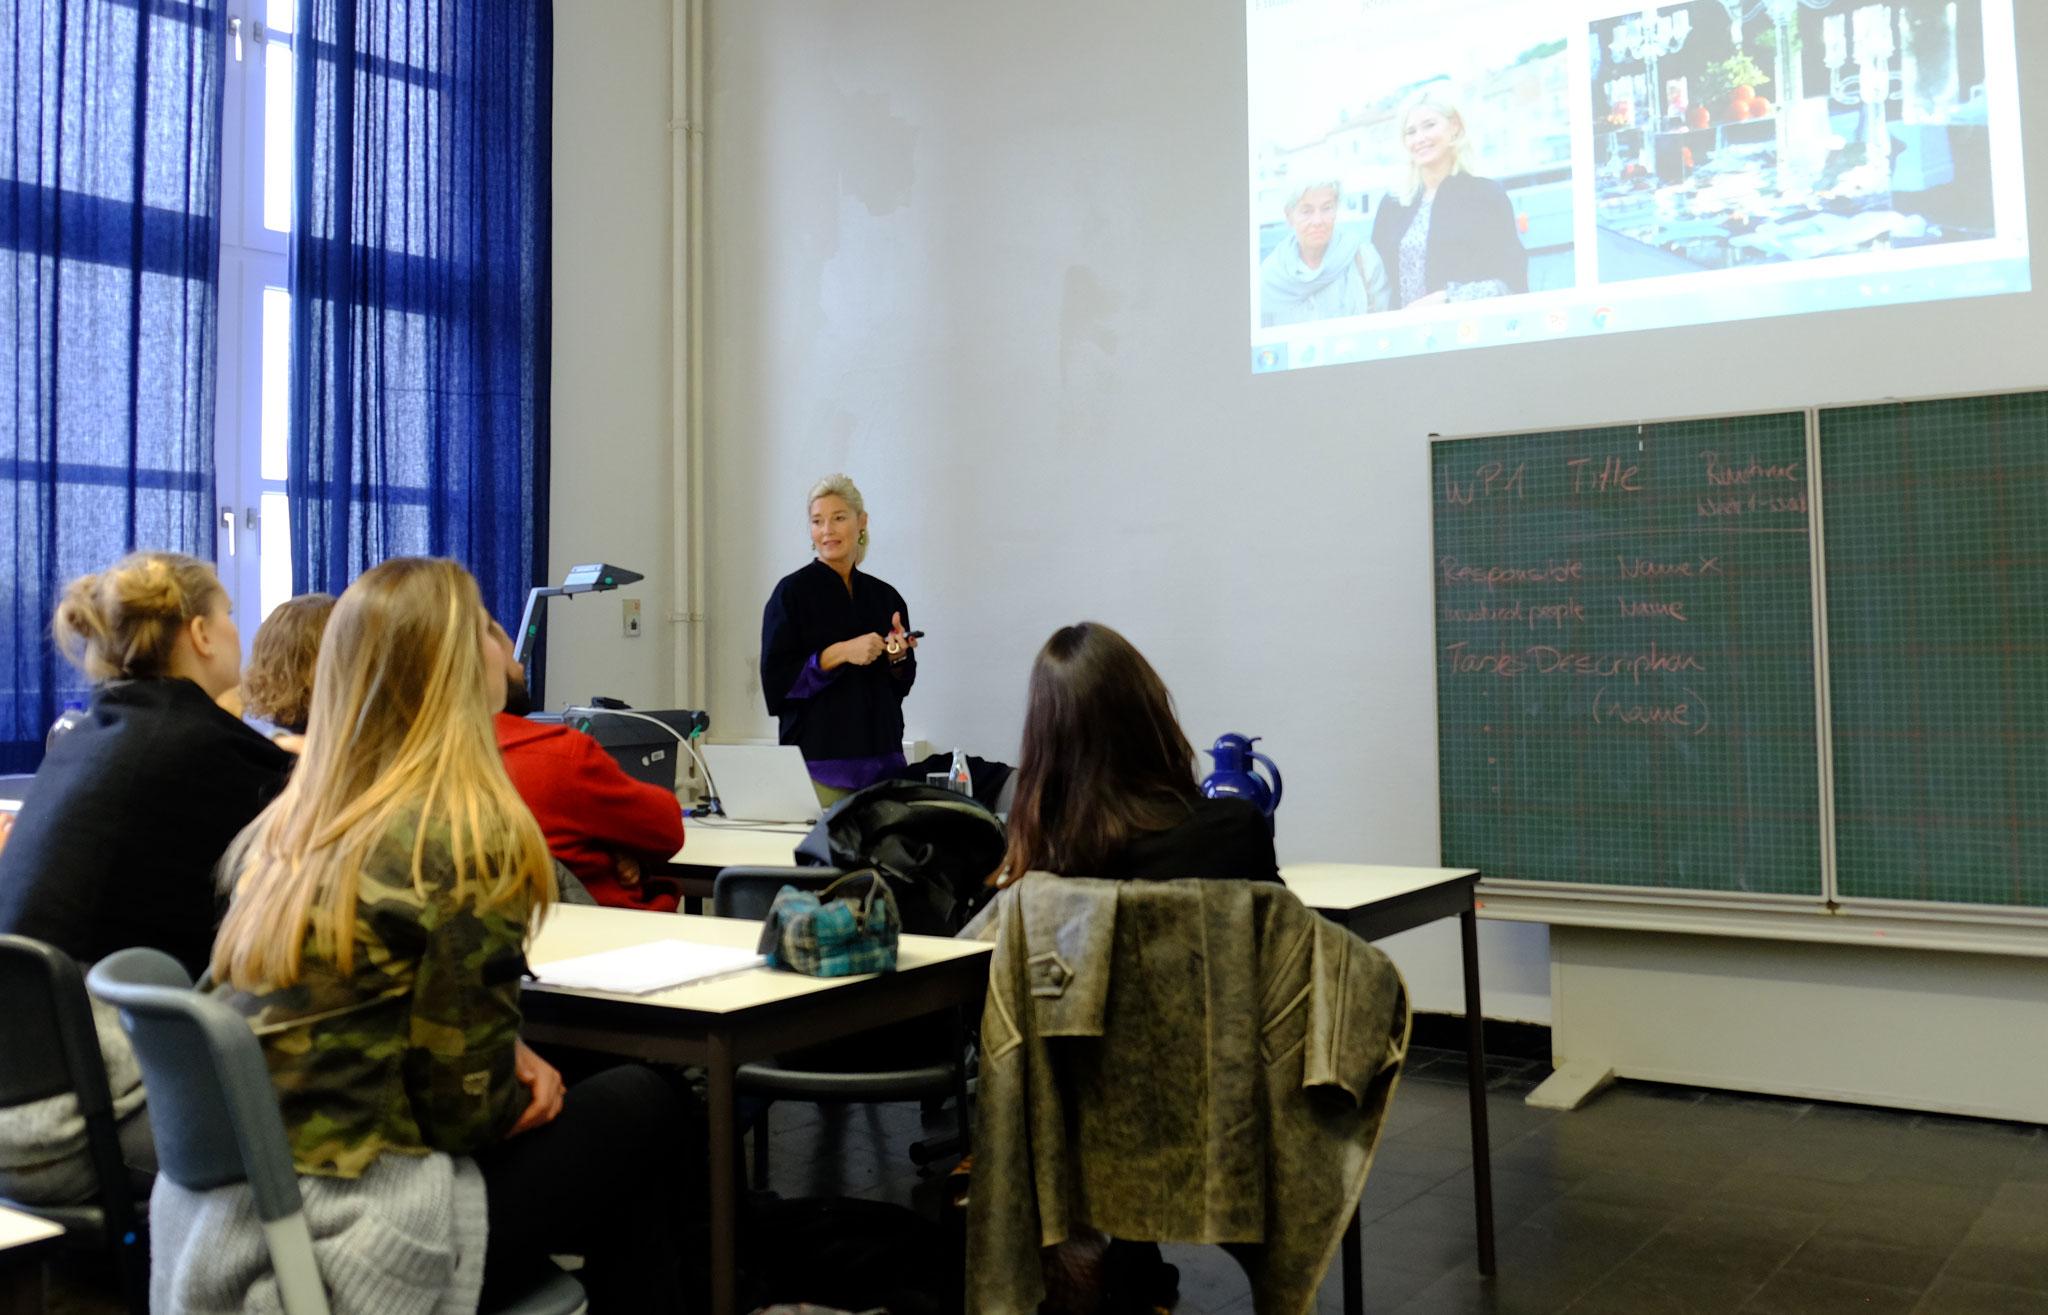 hochschule-niederrhein-blogger-vorlesung-vorlesung-bloggerin-uni-niederrhein-vorlesung-hochschule-niederrhein